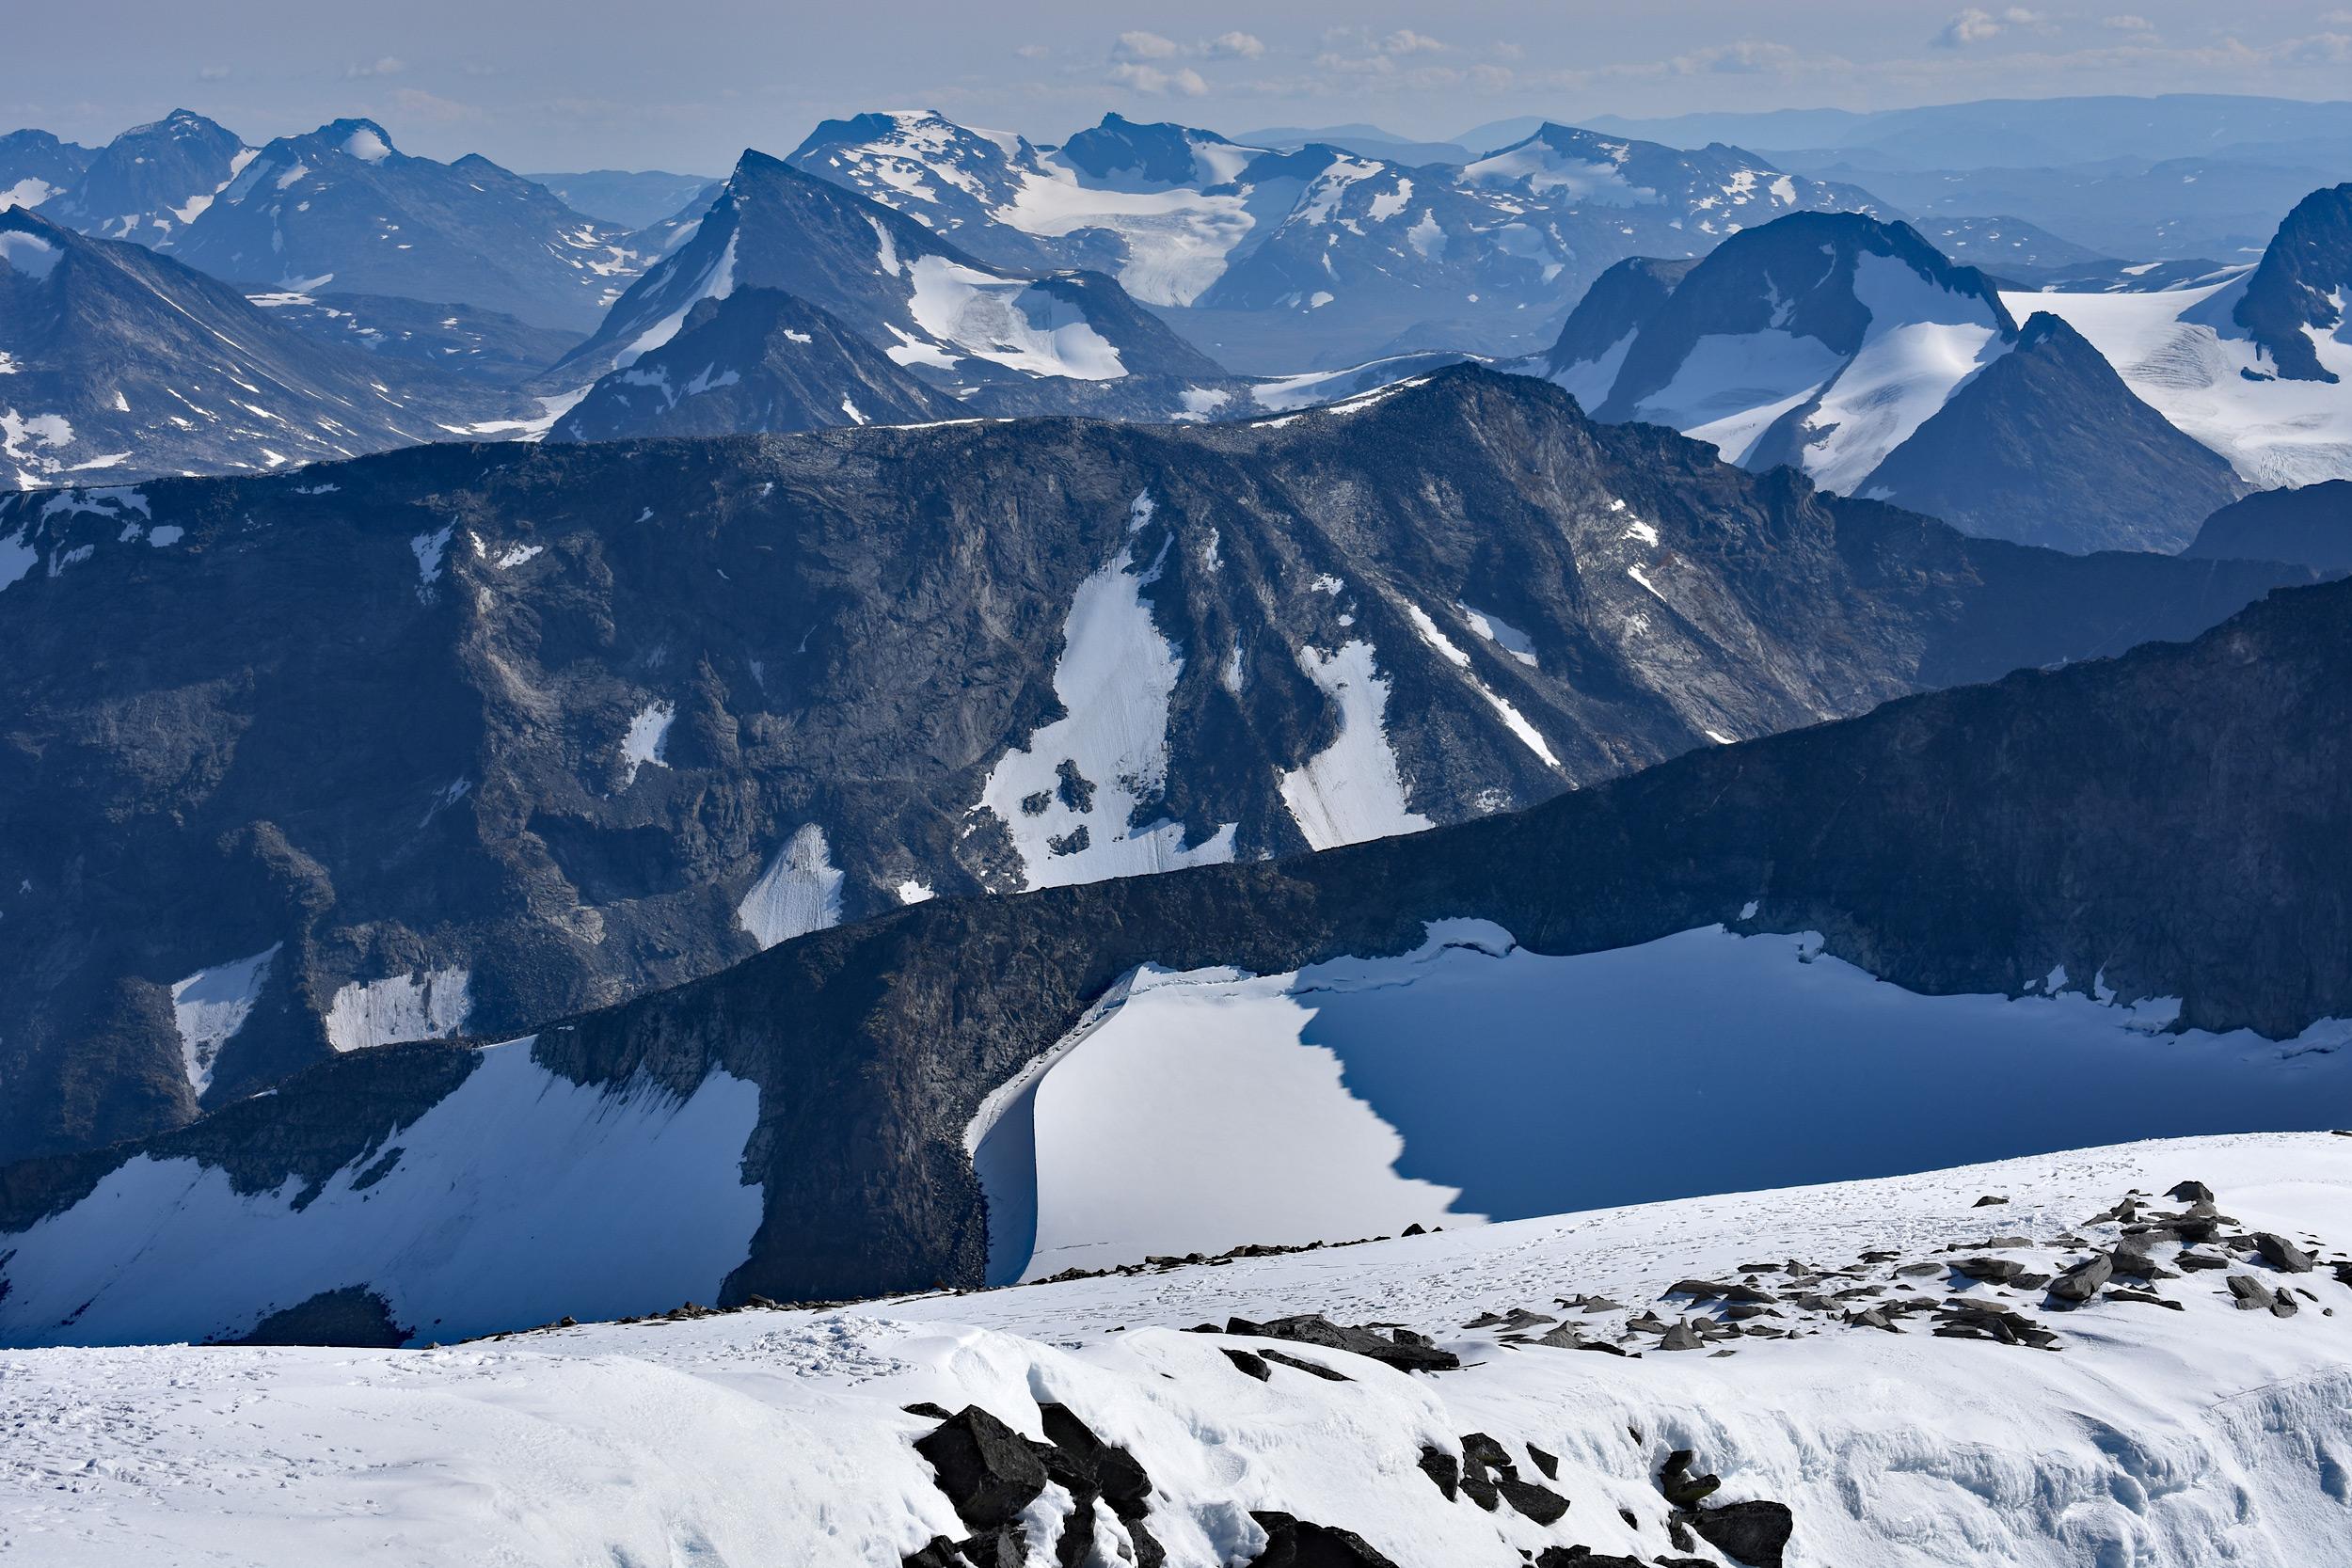 Jotunheimen widziane ze szlaku na Galdhopiggen